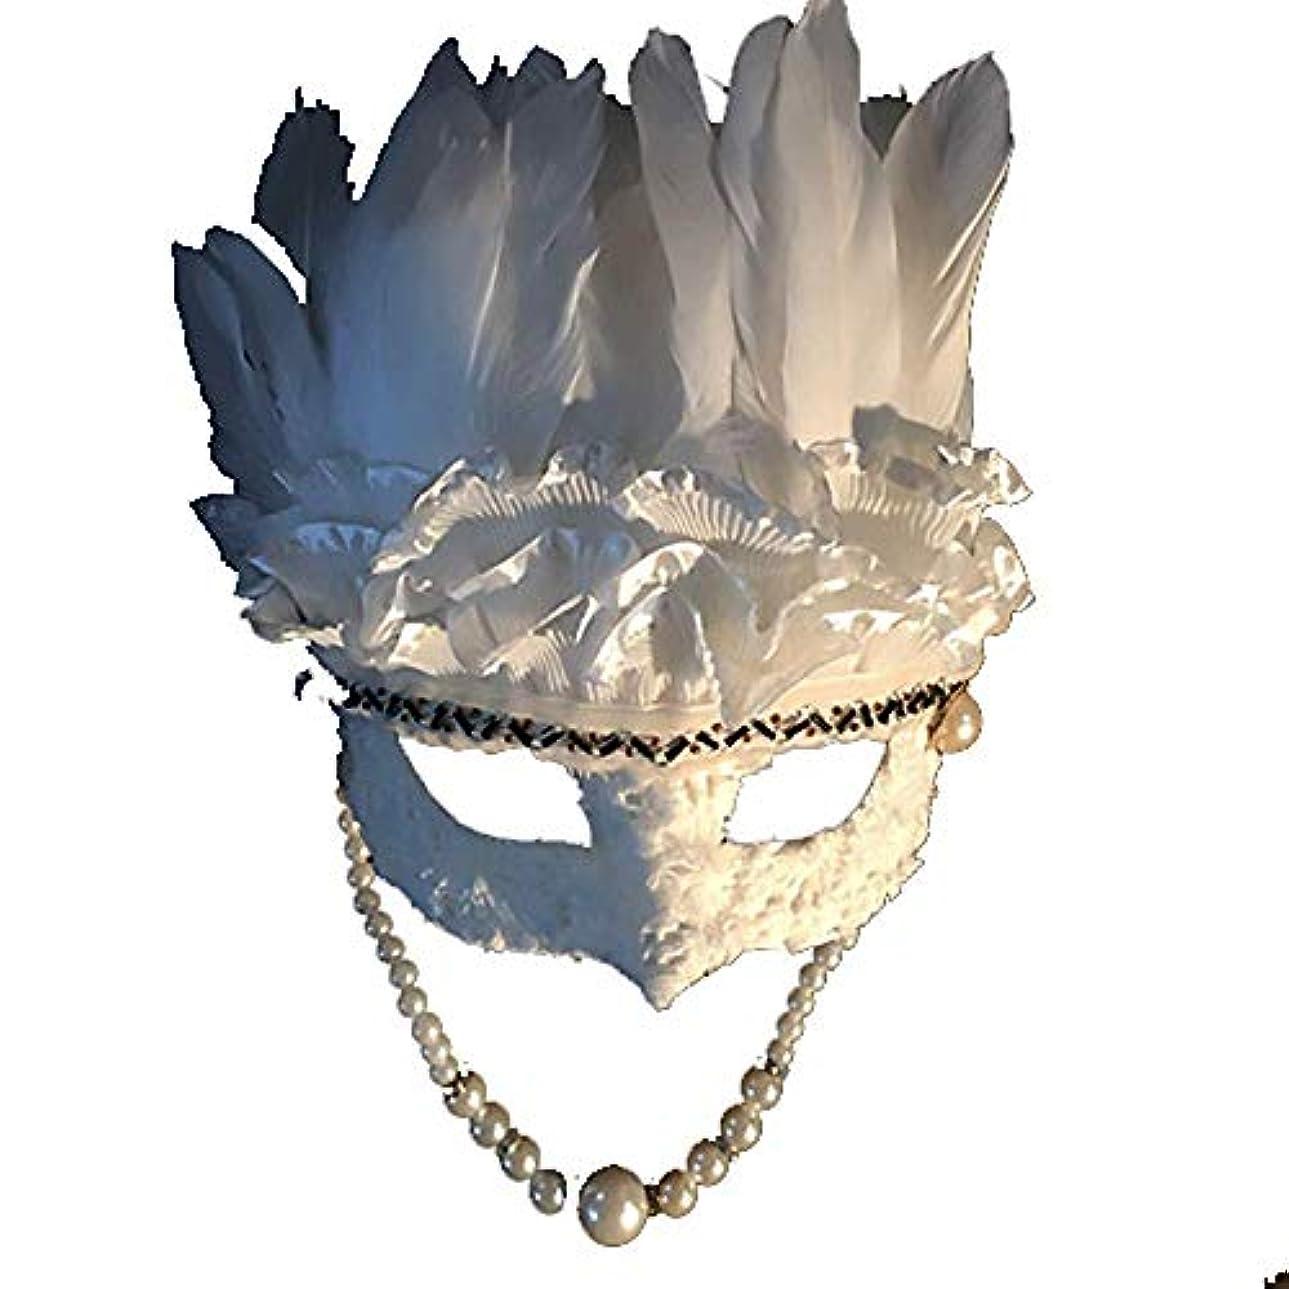 するインク数値Nanle ハロウィンクリスマスフェザースパンコール刺繍ビーズマスク仮装マスクレディミスプリンセス美容祭パーティーデコレーションマスク